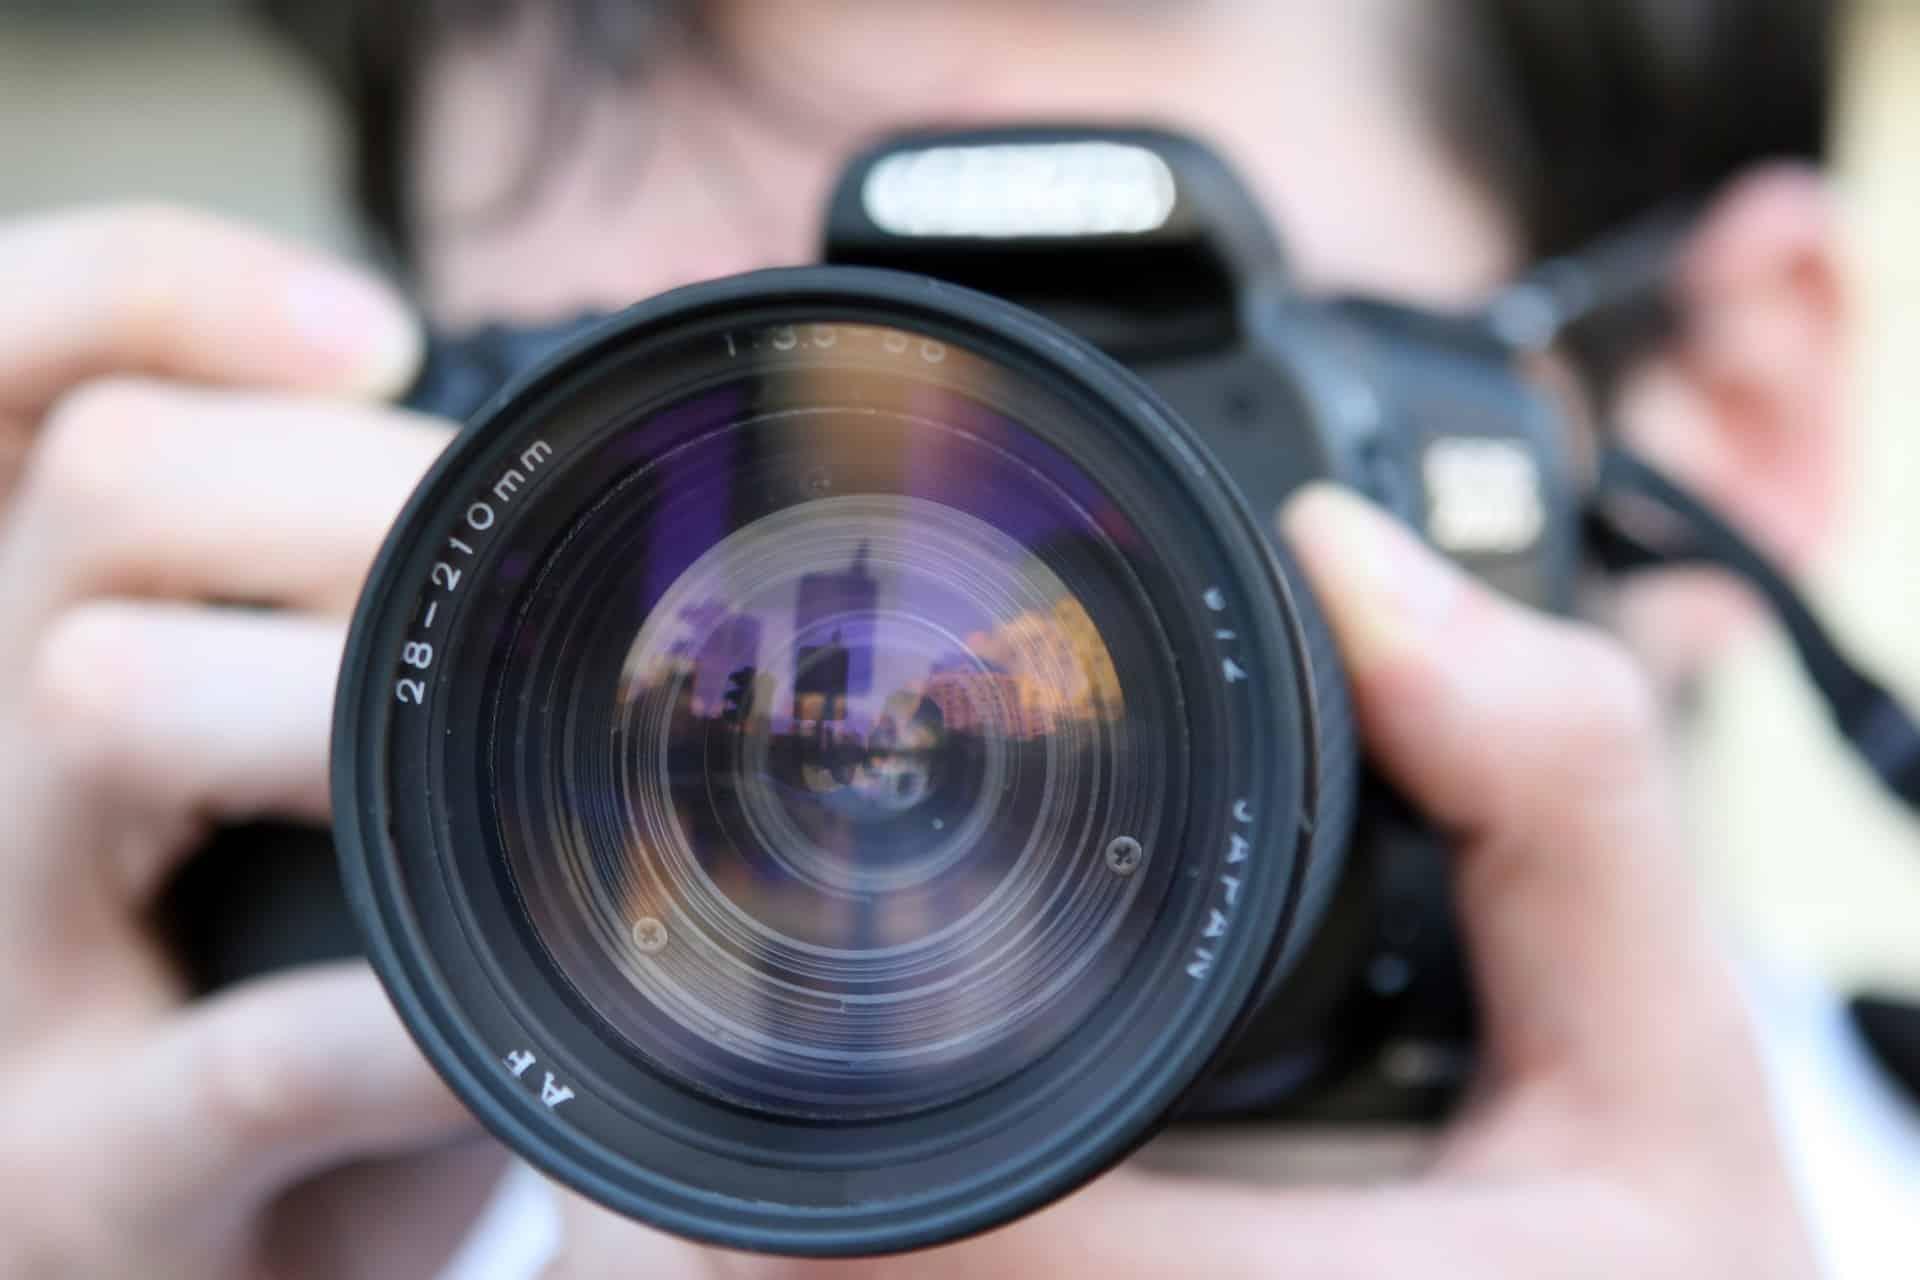 Vollformatkamera Test 2020: Die besten Vollformatkameras im Vergleich